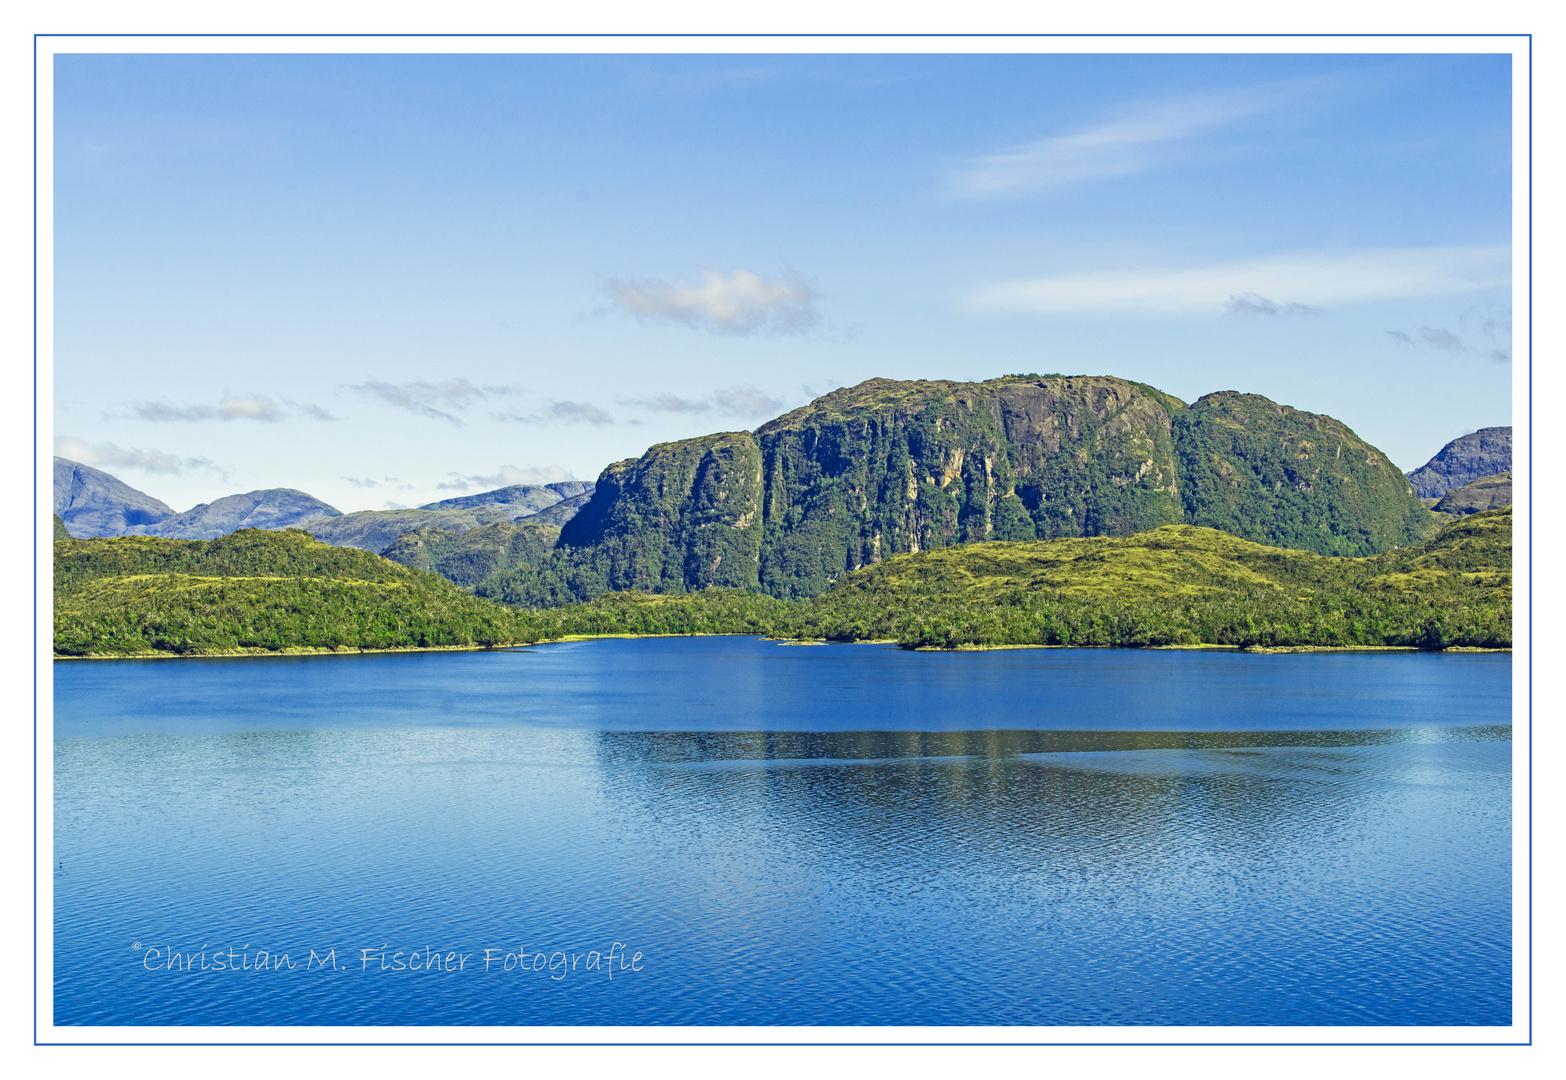 Chilenische Fjorde II